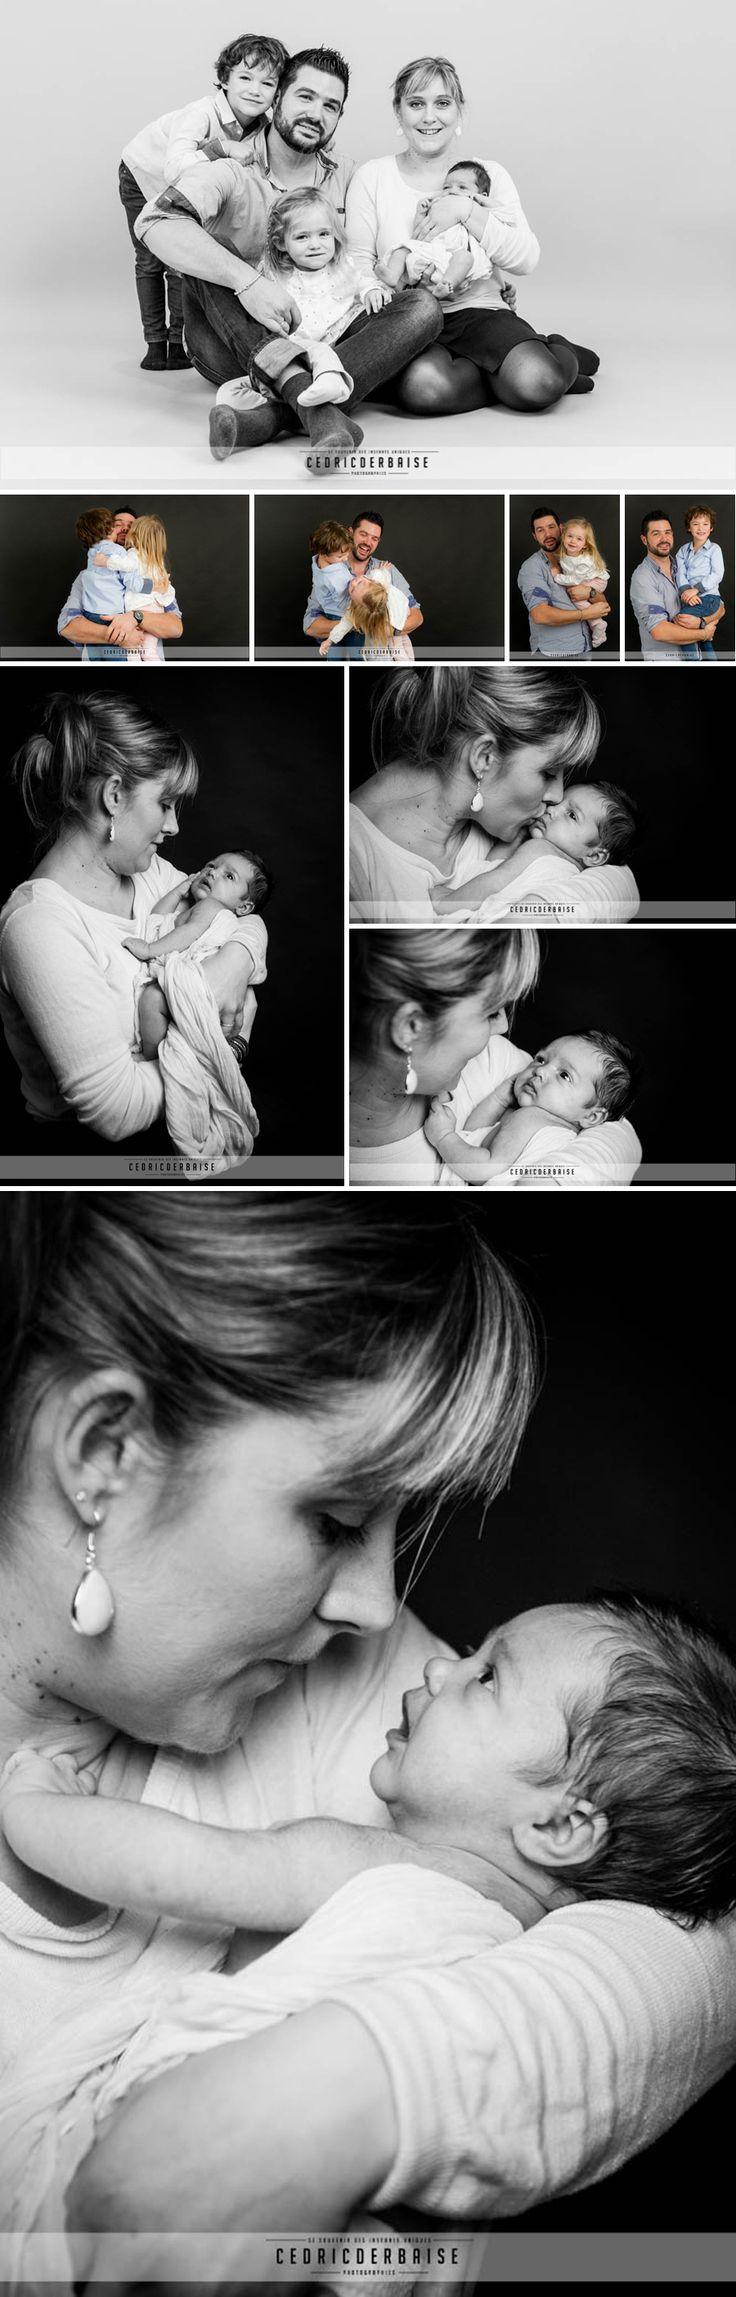 Cedric Derbaise Photographie - Picardie - Oise - Séance naissance en famille au studio